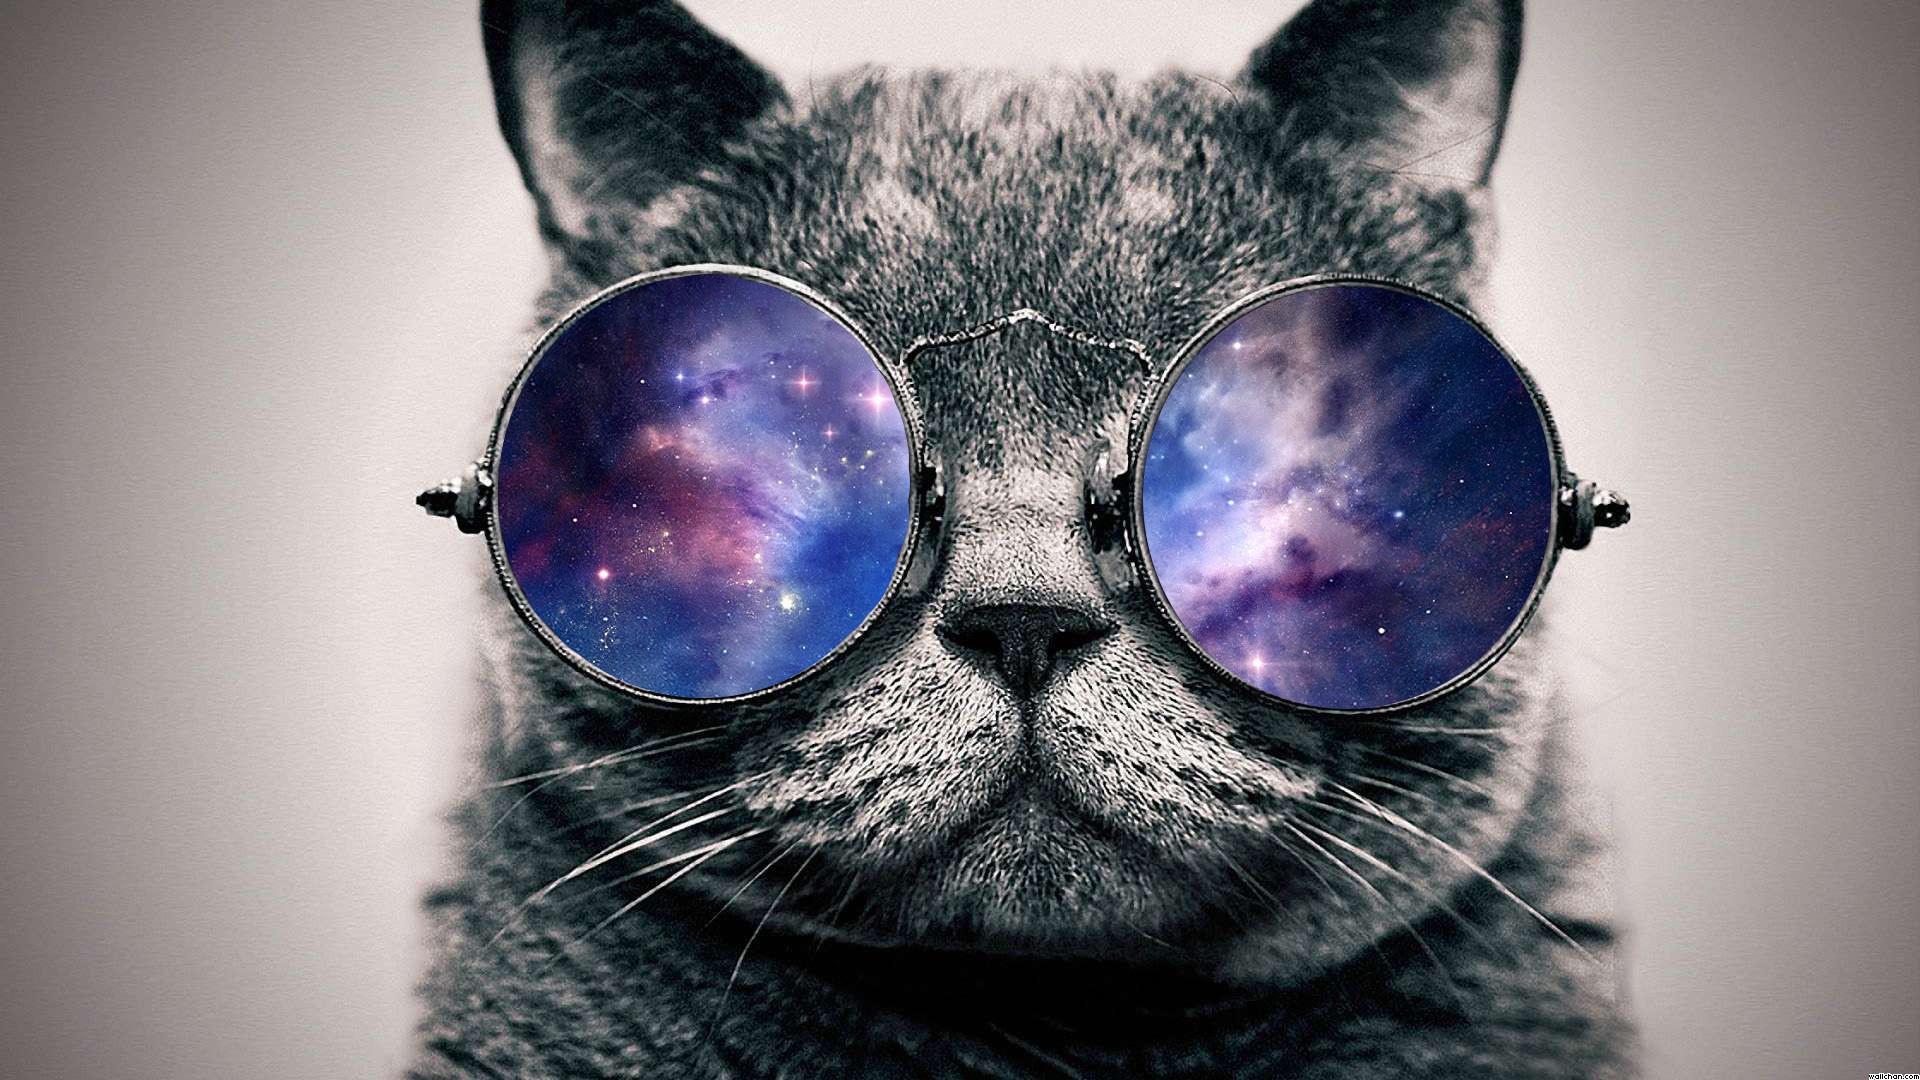 Galaxy cat 1920x1080